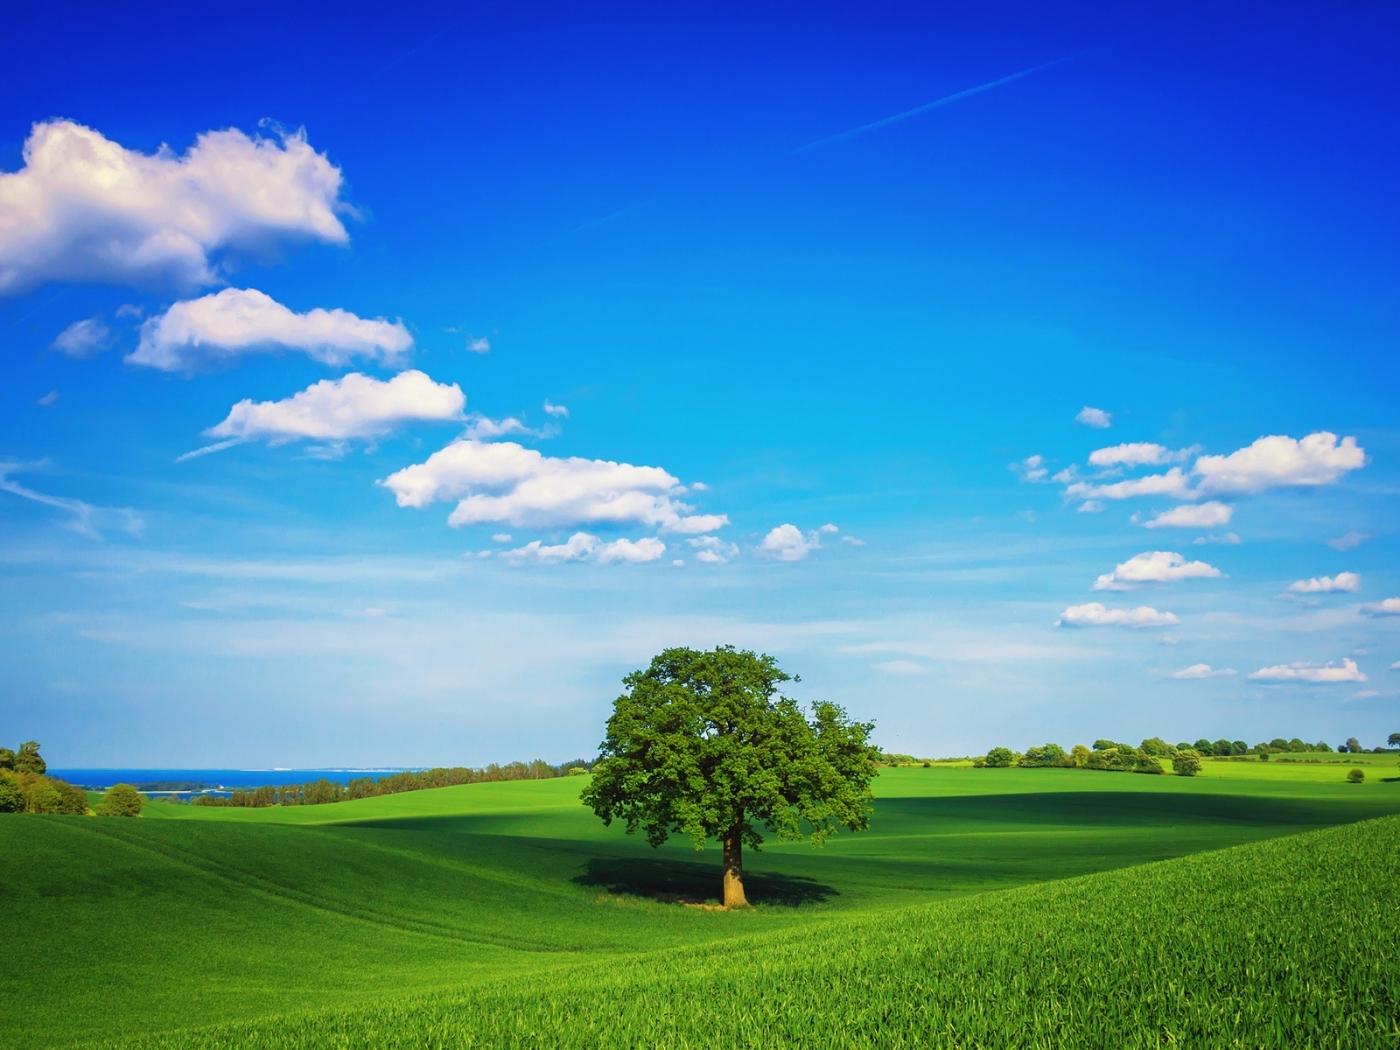 27181 скачать обои Пейзаж, Деревья, Поля, Небо, Облака - заставки и картинки бесплатно